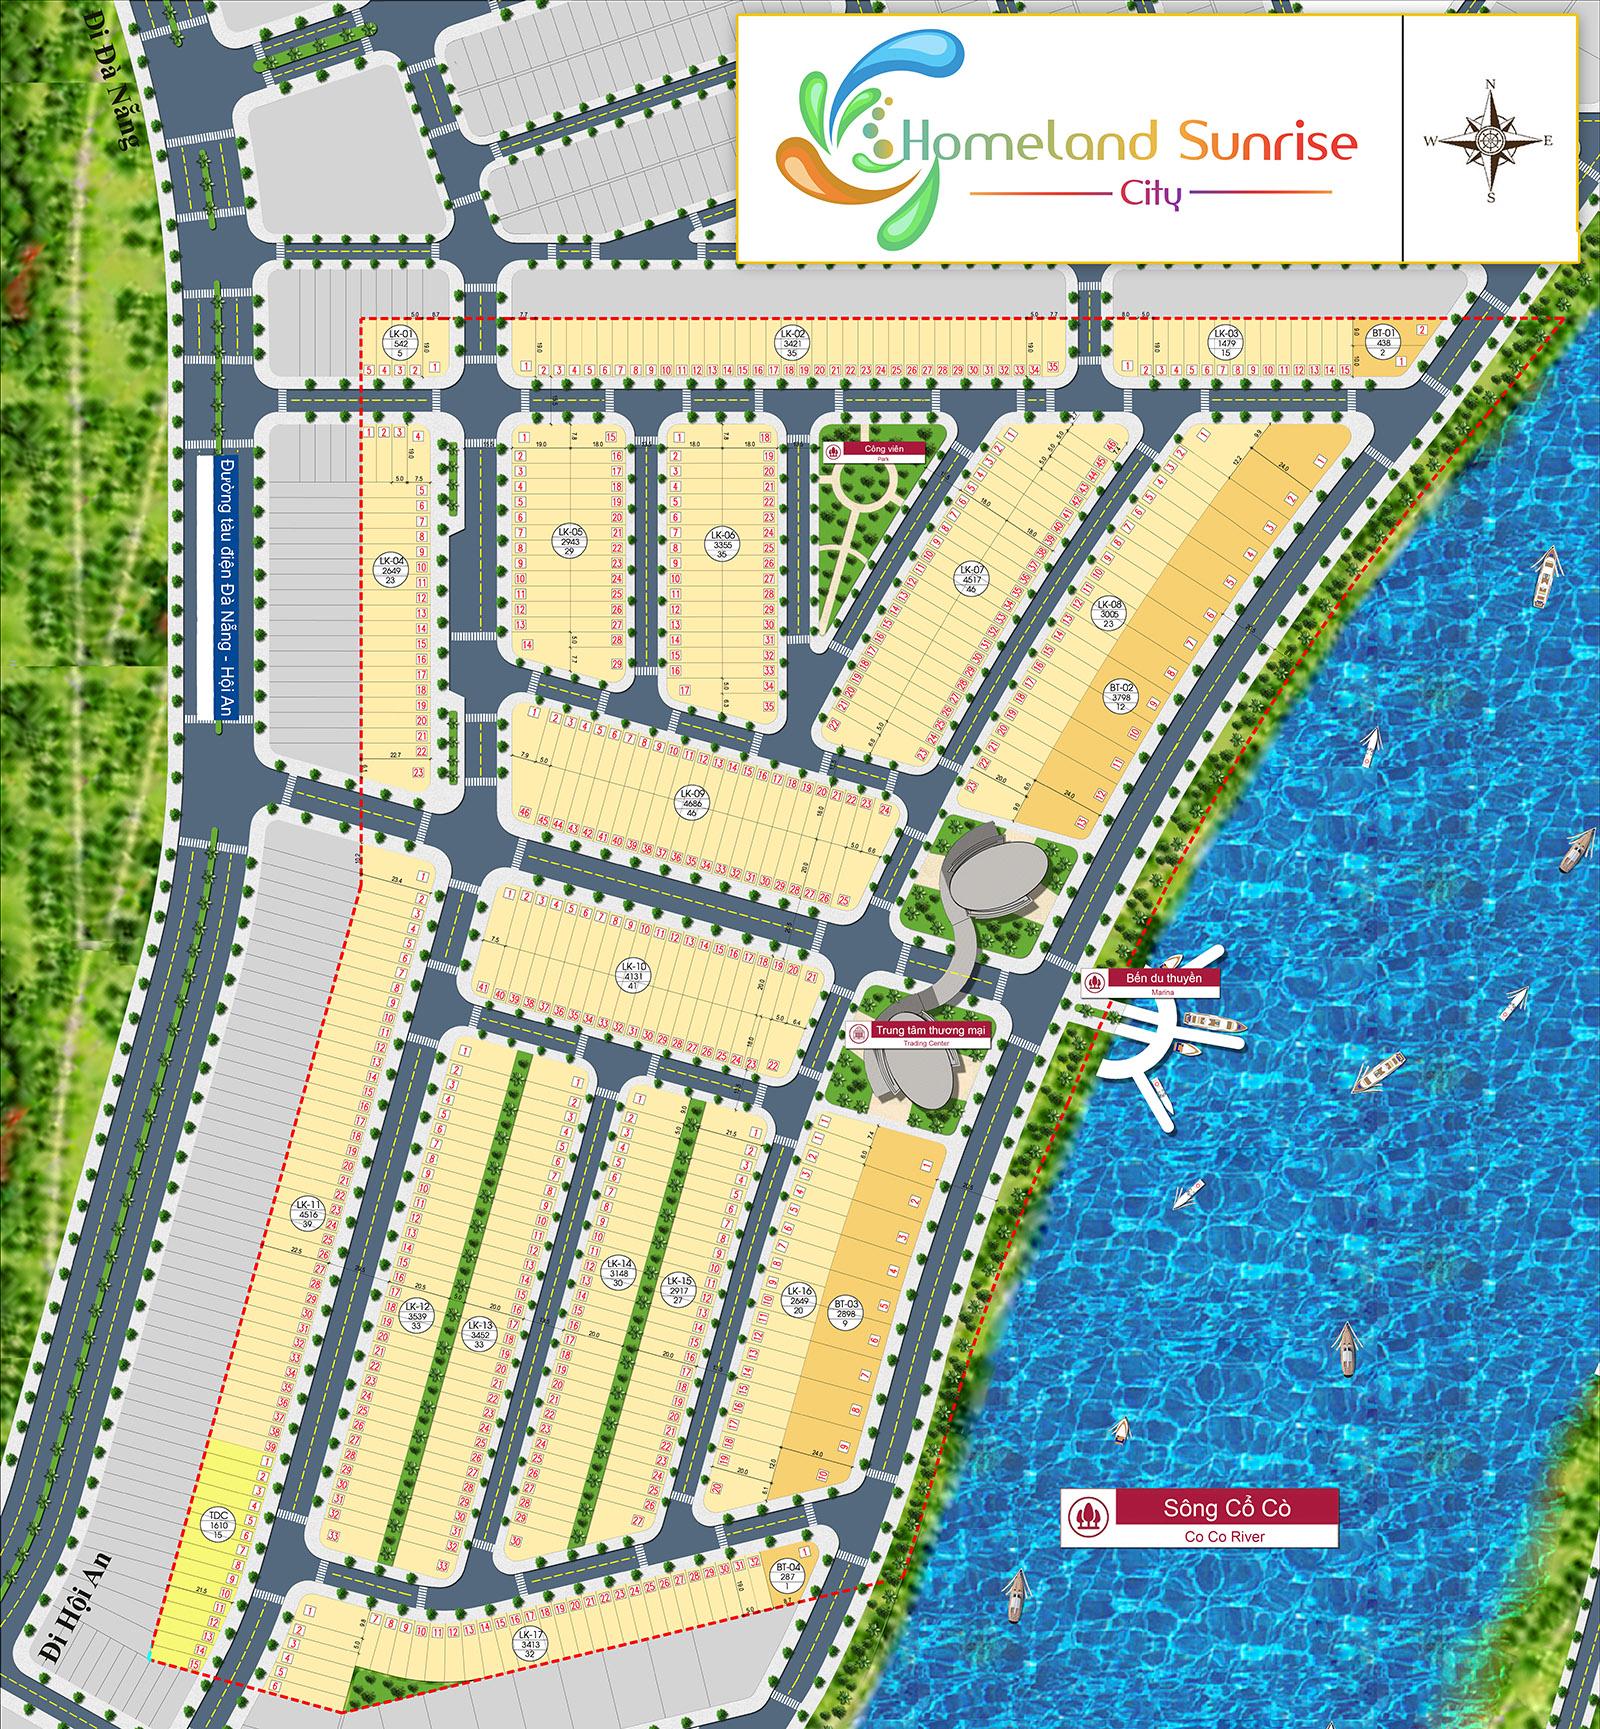 Mặt bằng dự án đất nền Homeland Sunrise City Quảng Nam